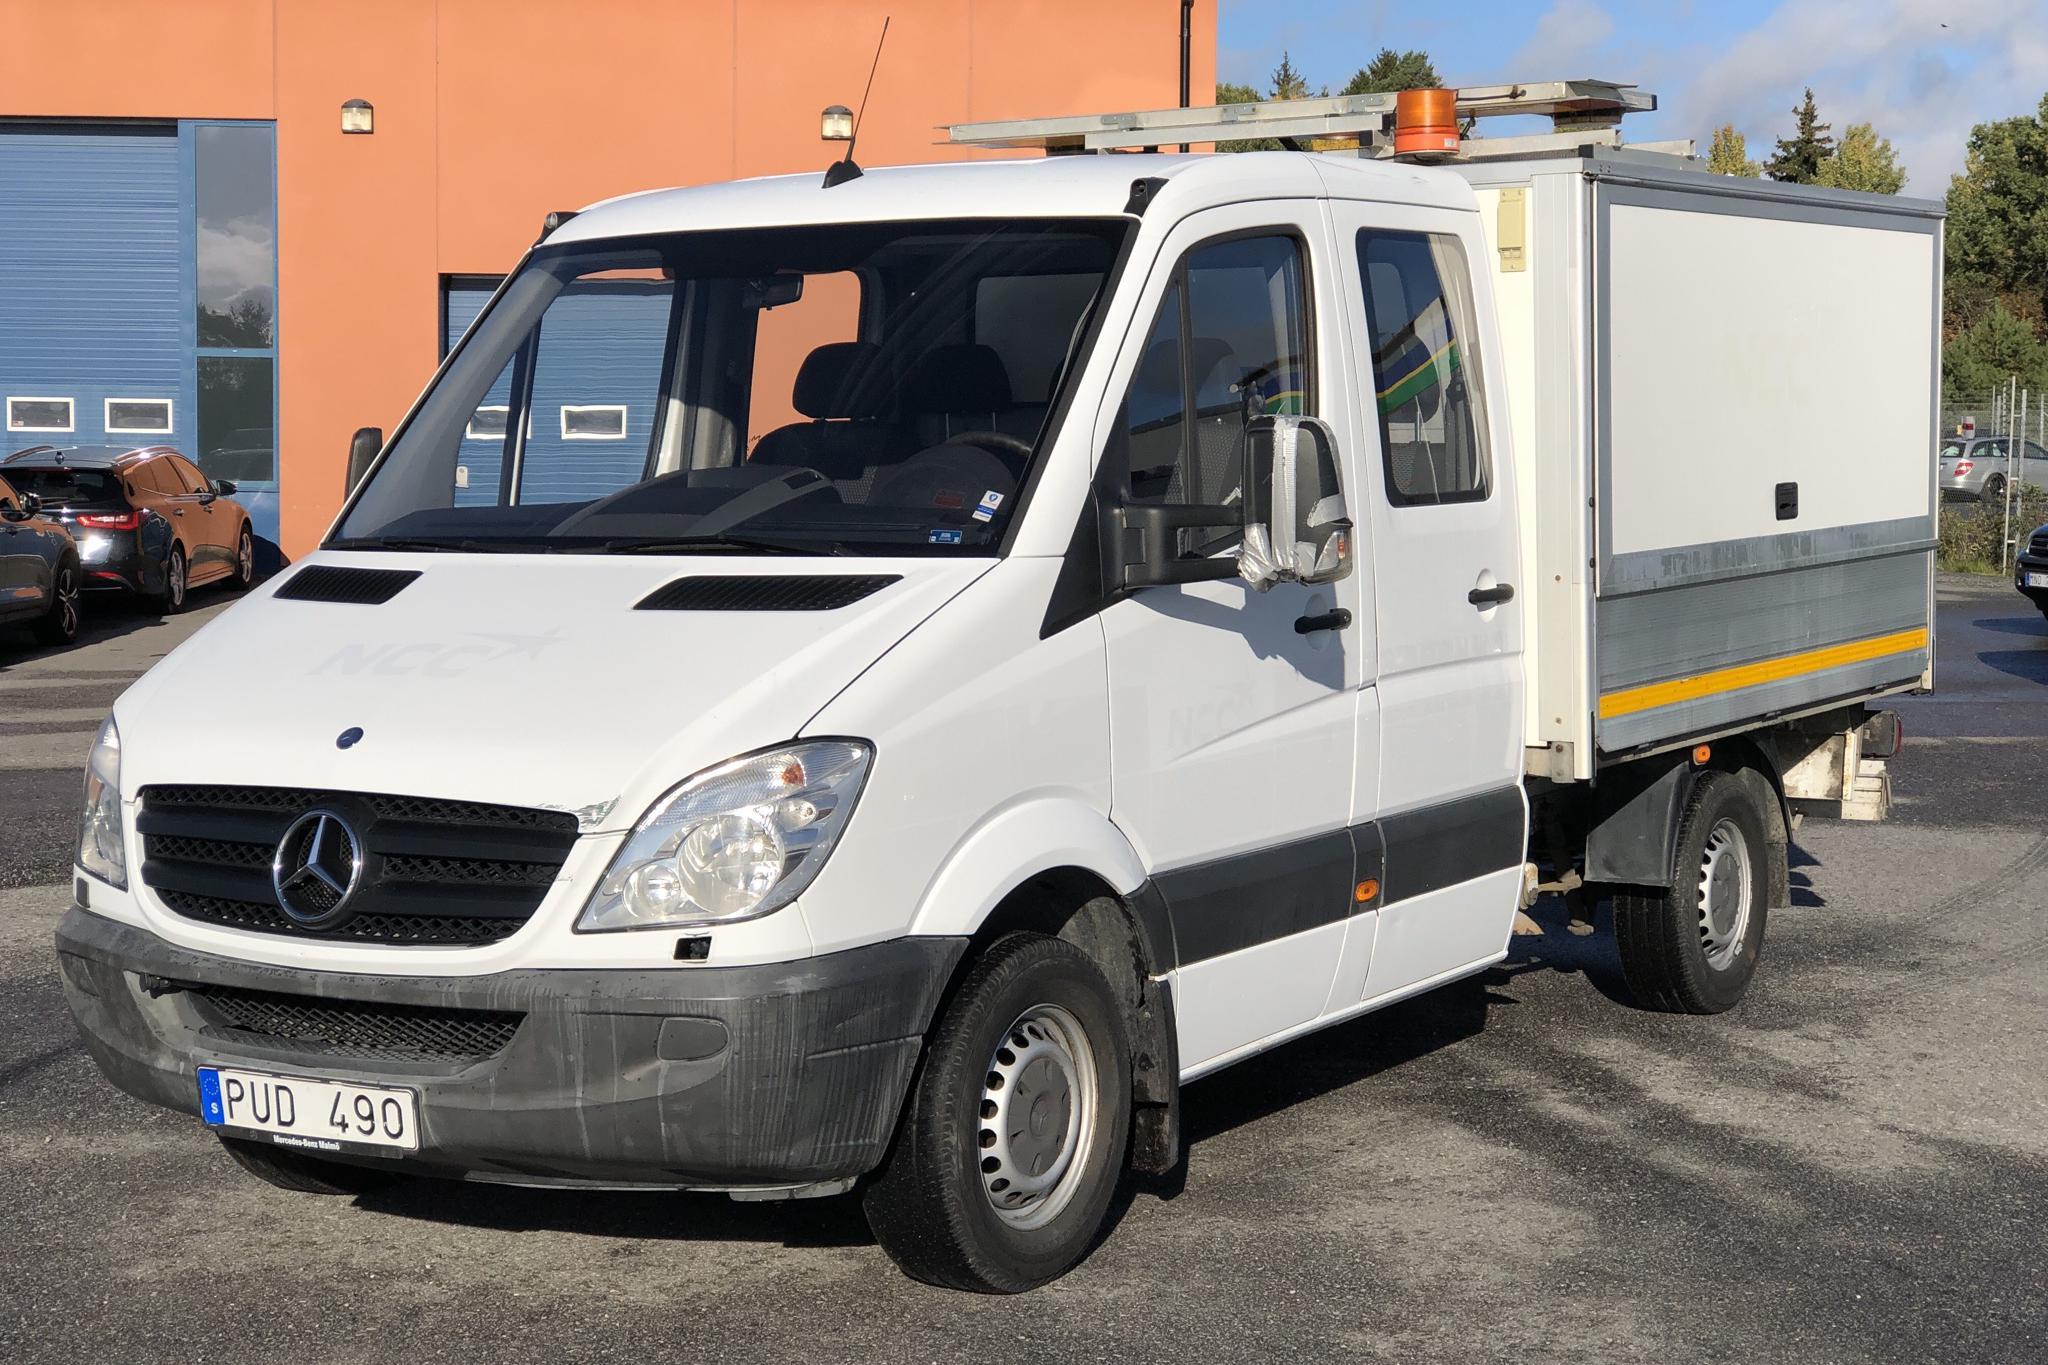 Mercedes Sprinter 316 CDI Pickup/Chassi (163hk) - 0 km - Manual - Multicolored - 2012